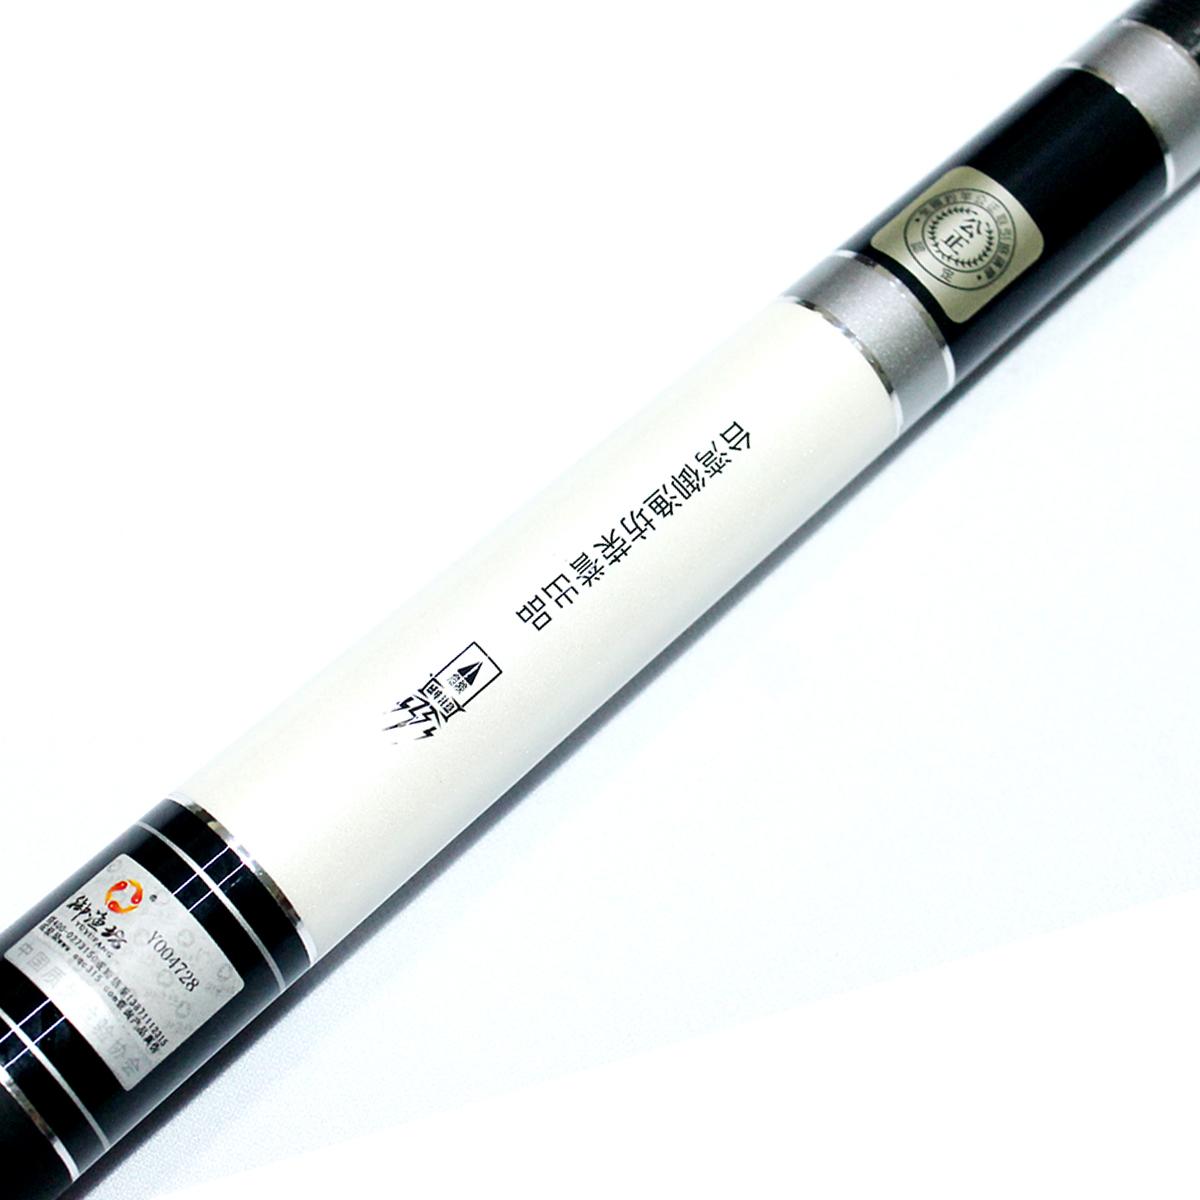 Cần Câu Tay Yu Shi Ling Yu 4m5- 6H Cần Câu Tay Chính Hãng